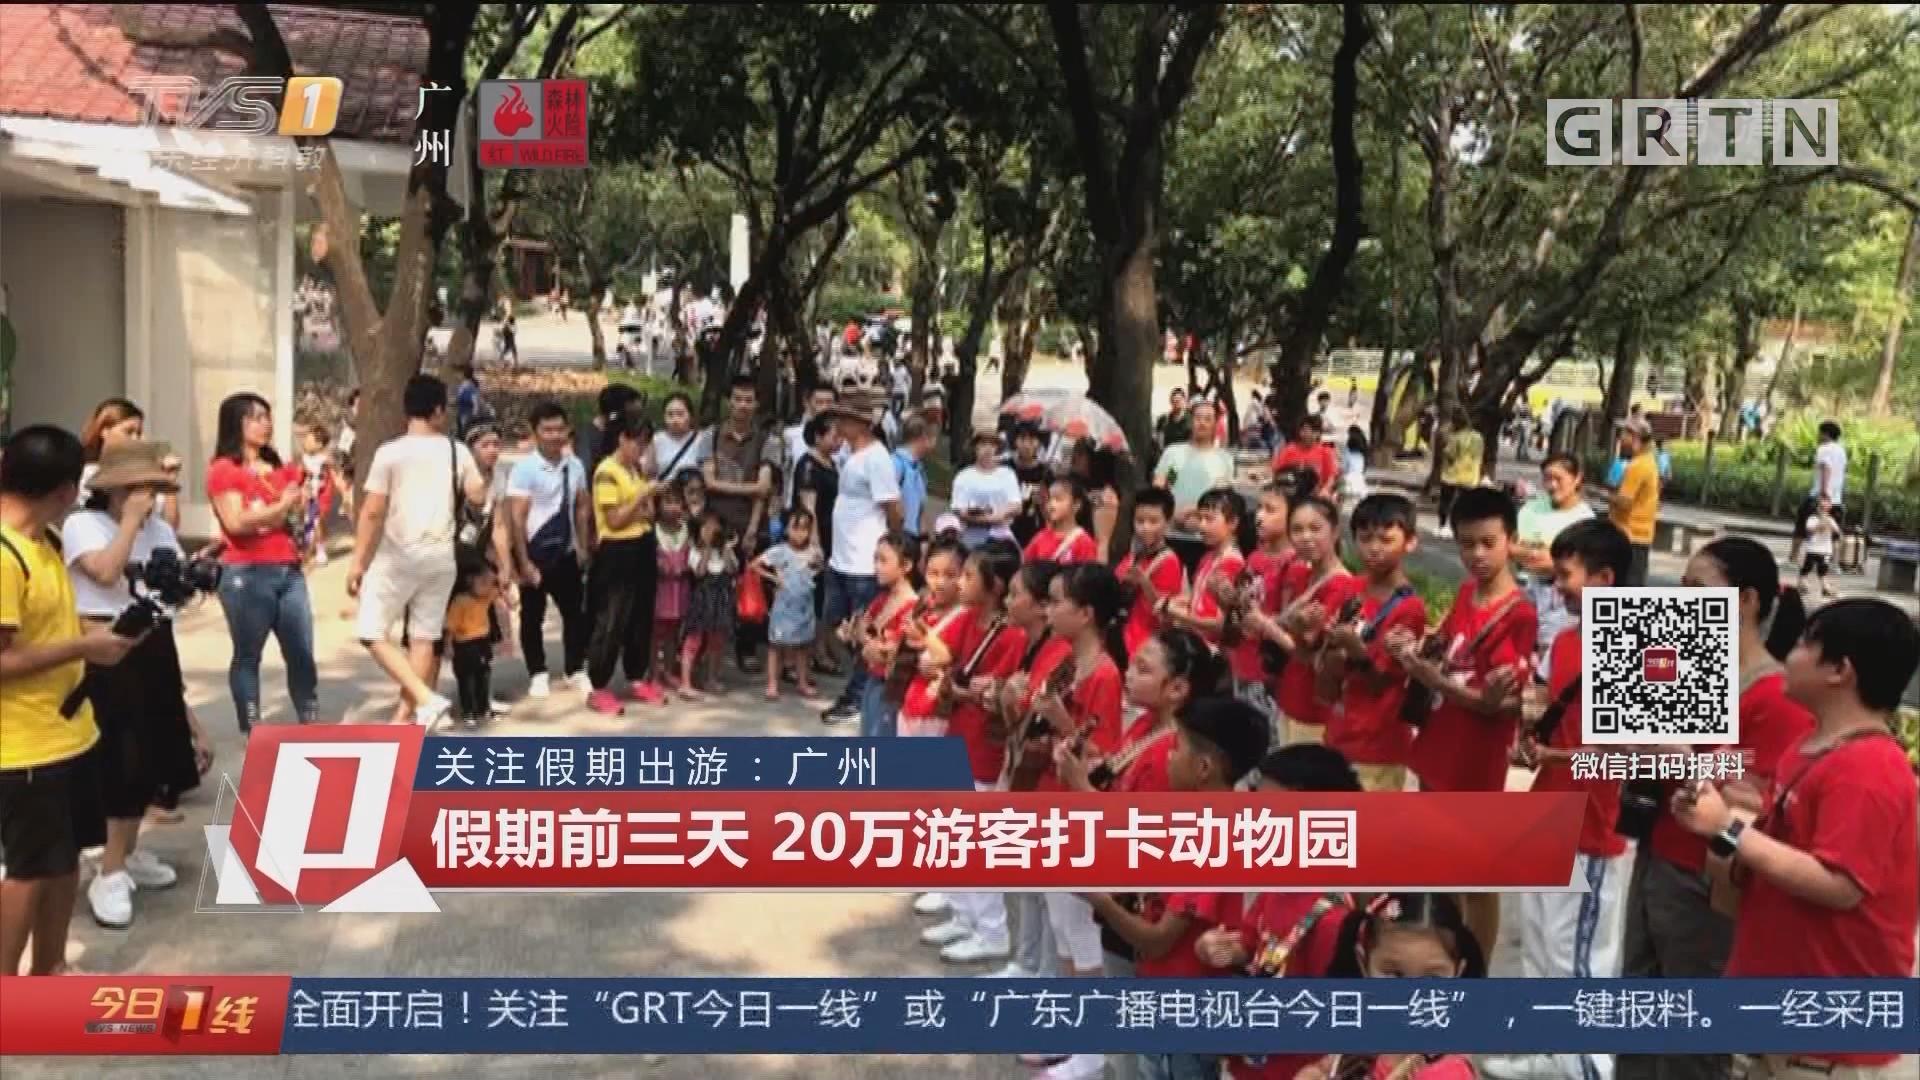 关注假期出游:广州 假期前三天 20万游客打卡动物园